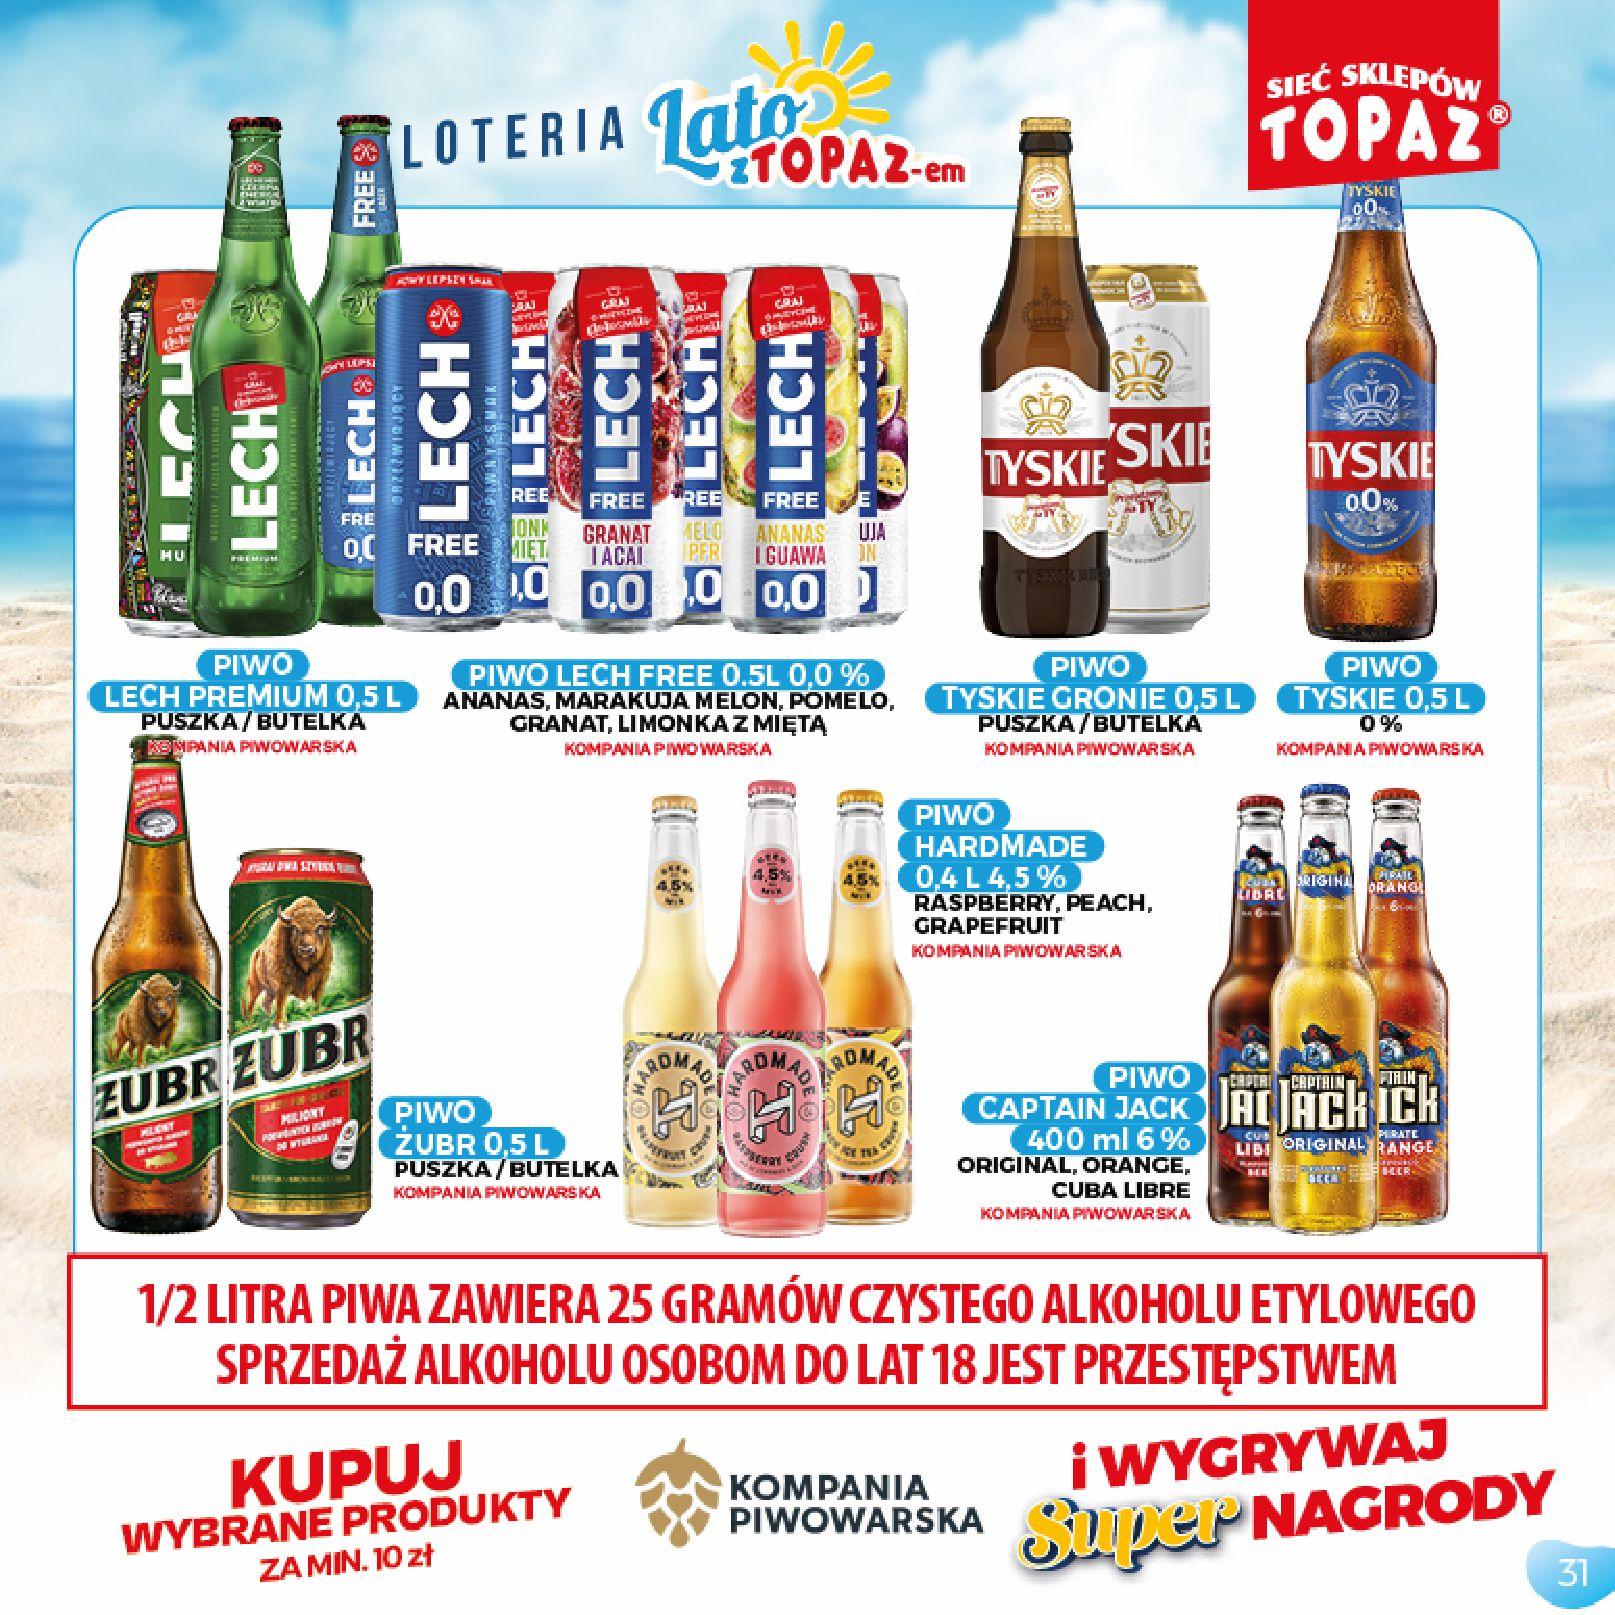 Gazetka TOPAZ: Gazetka TOPAZ - Loteria 2021-07-05 page-31